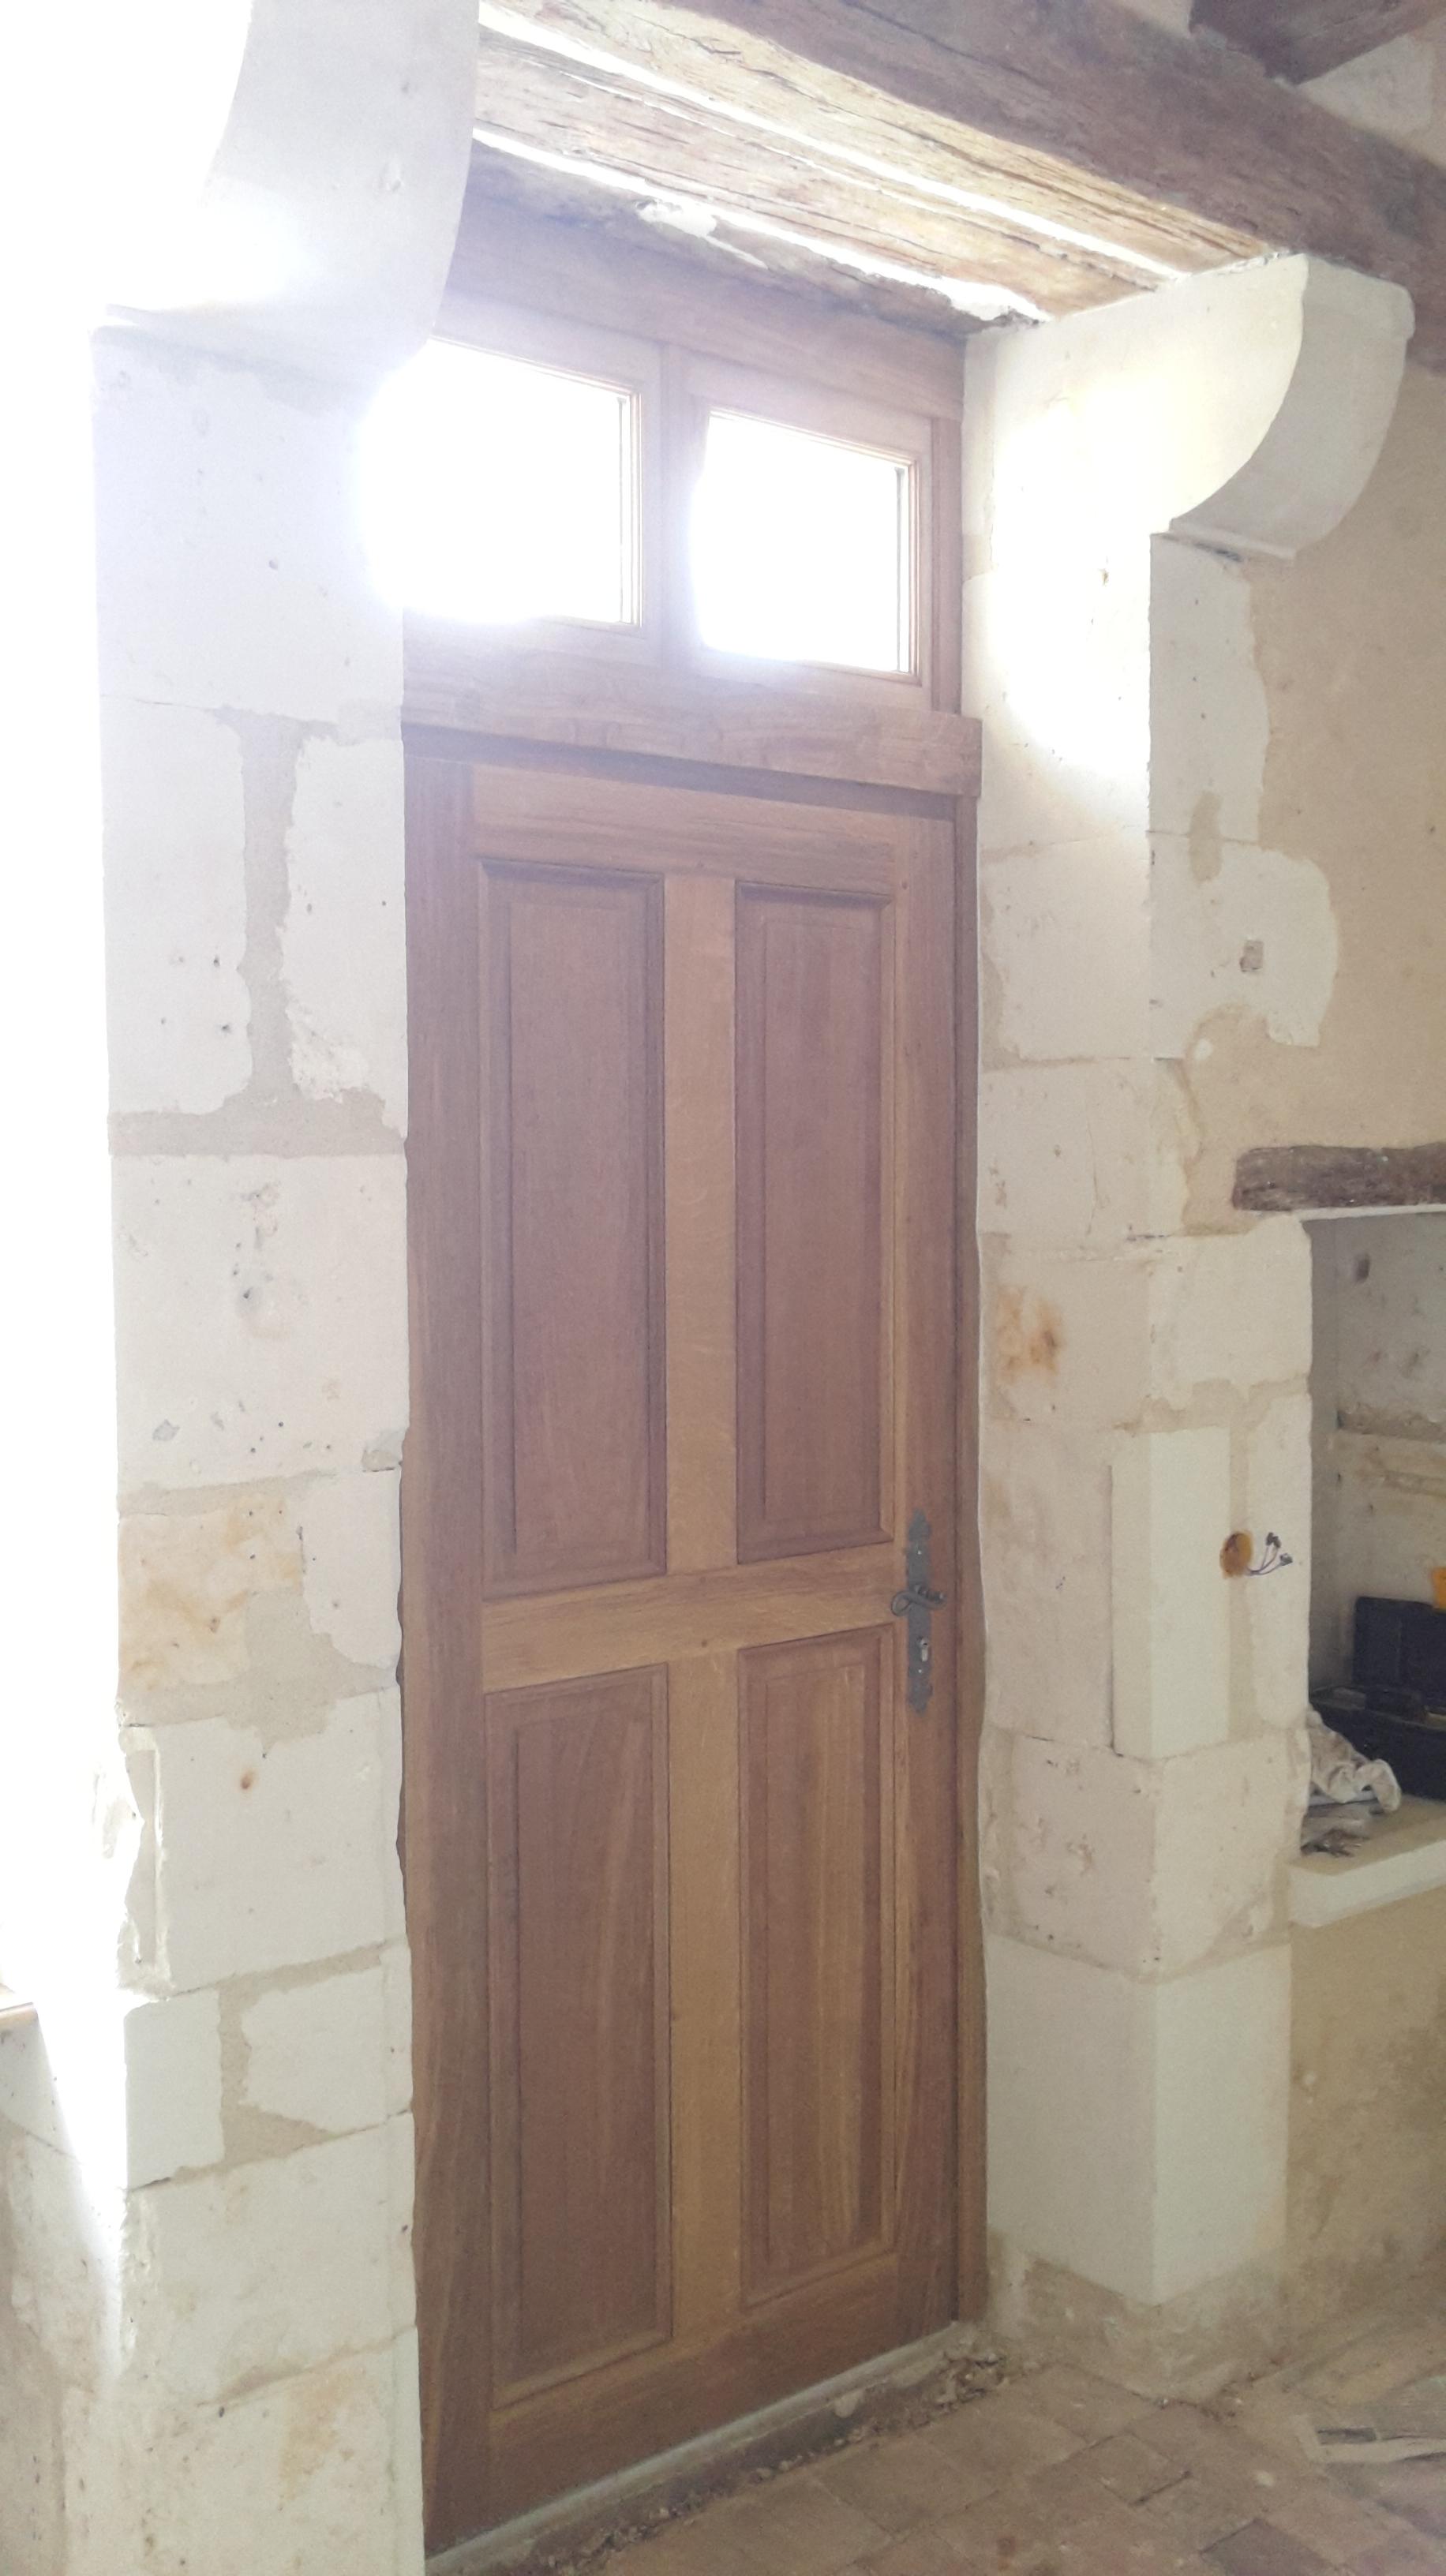 Portes d entr es fen tres ch ssis baies portails menuiserie eb nisterie teddy gandolfi - Adresse mail reclamation blanche porte ...